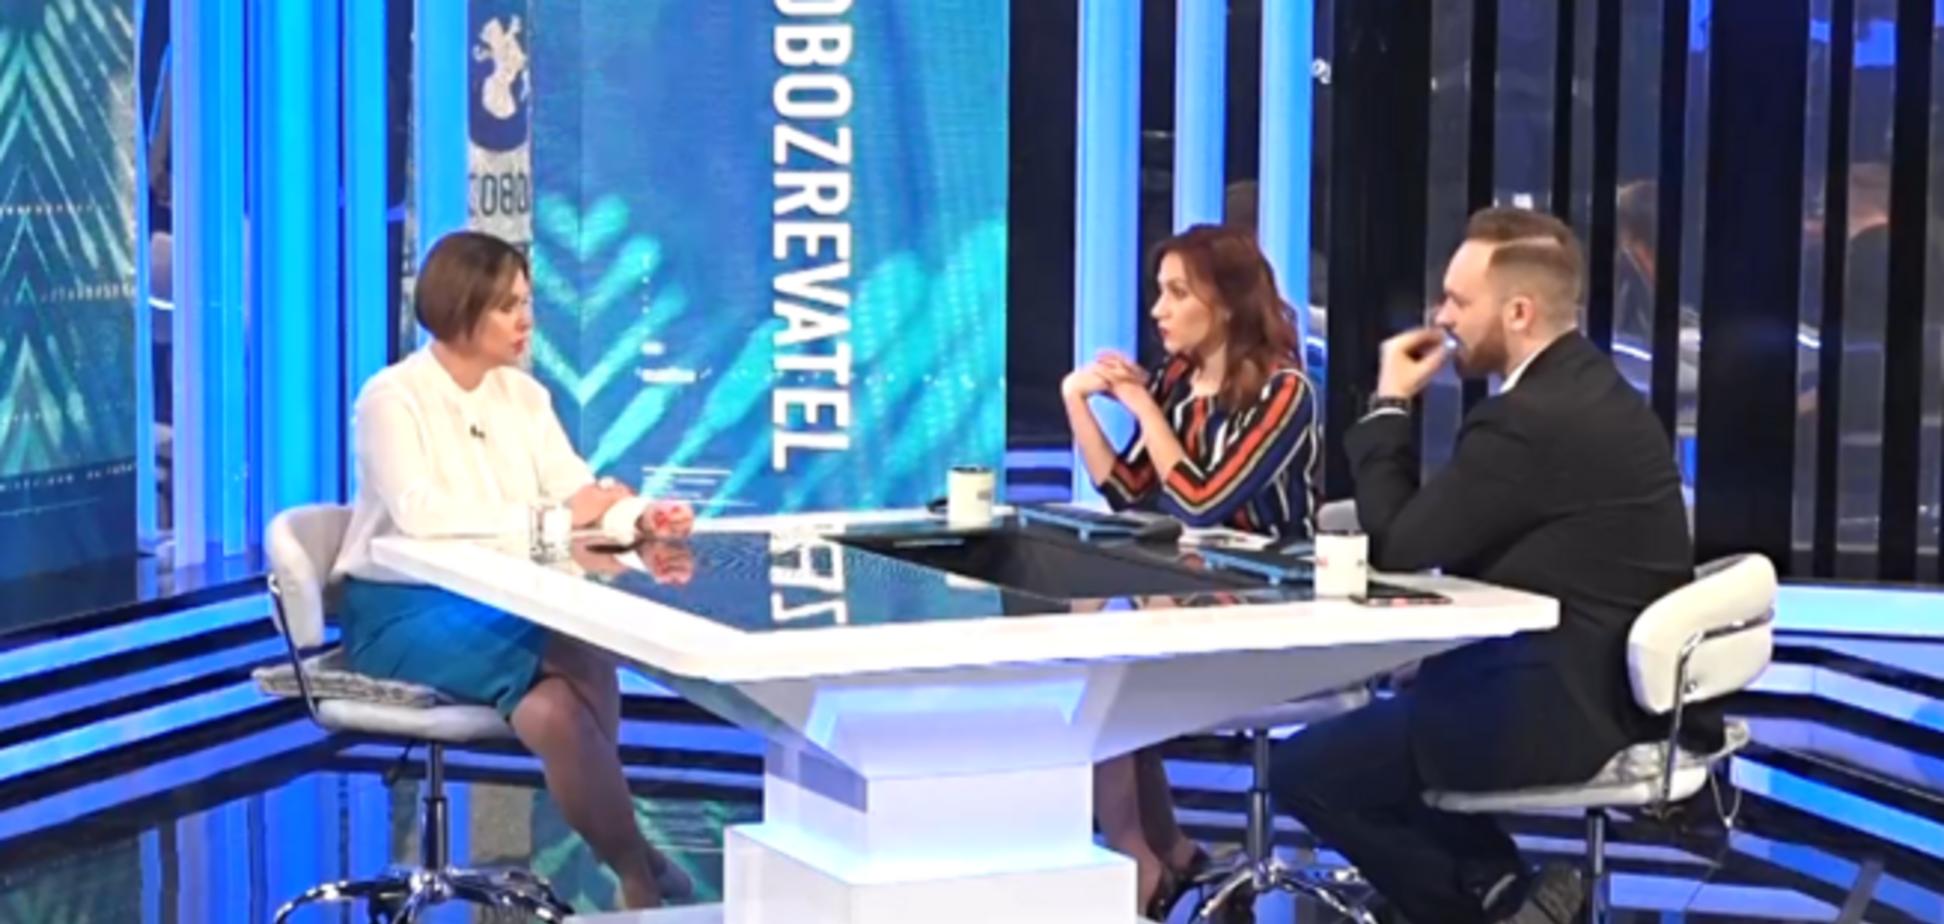 ''Суспільство перебуває у вкрай тривожному стані'': психолог дала оцінку передвиборчої поведінки українців